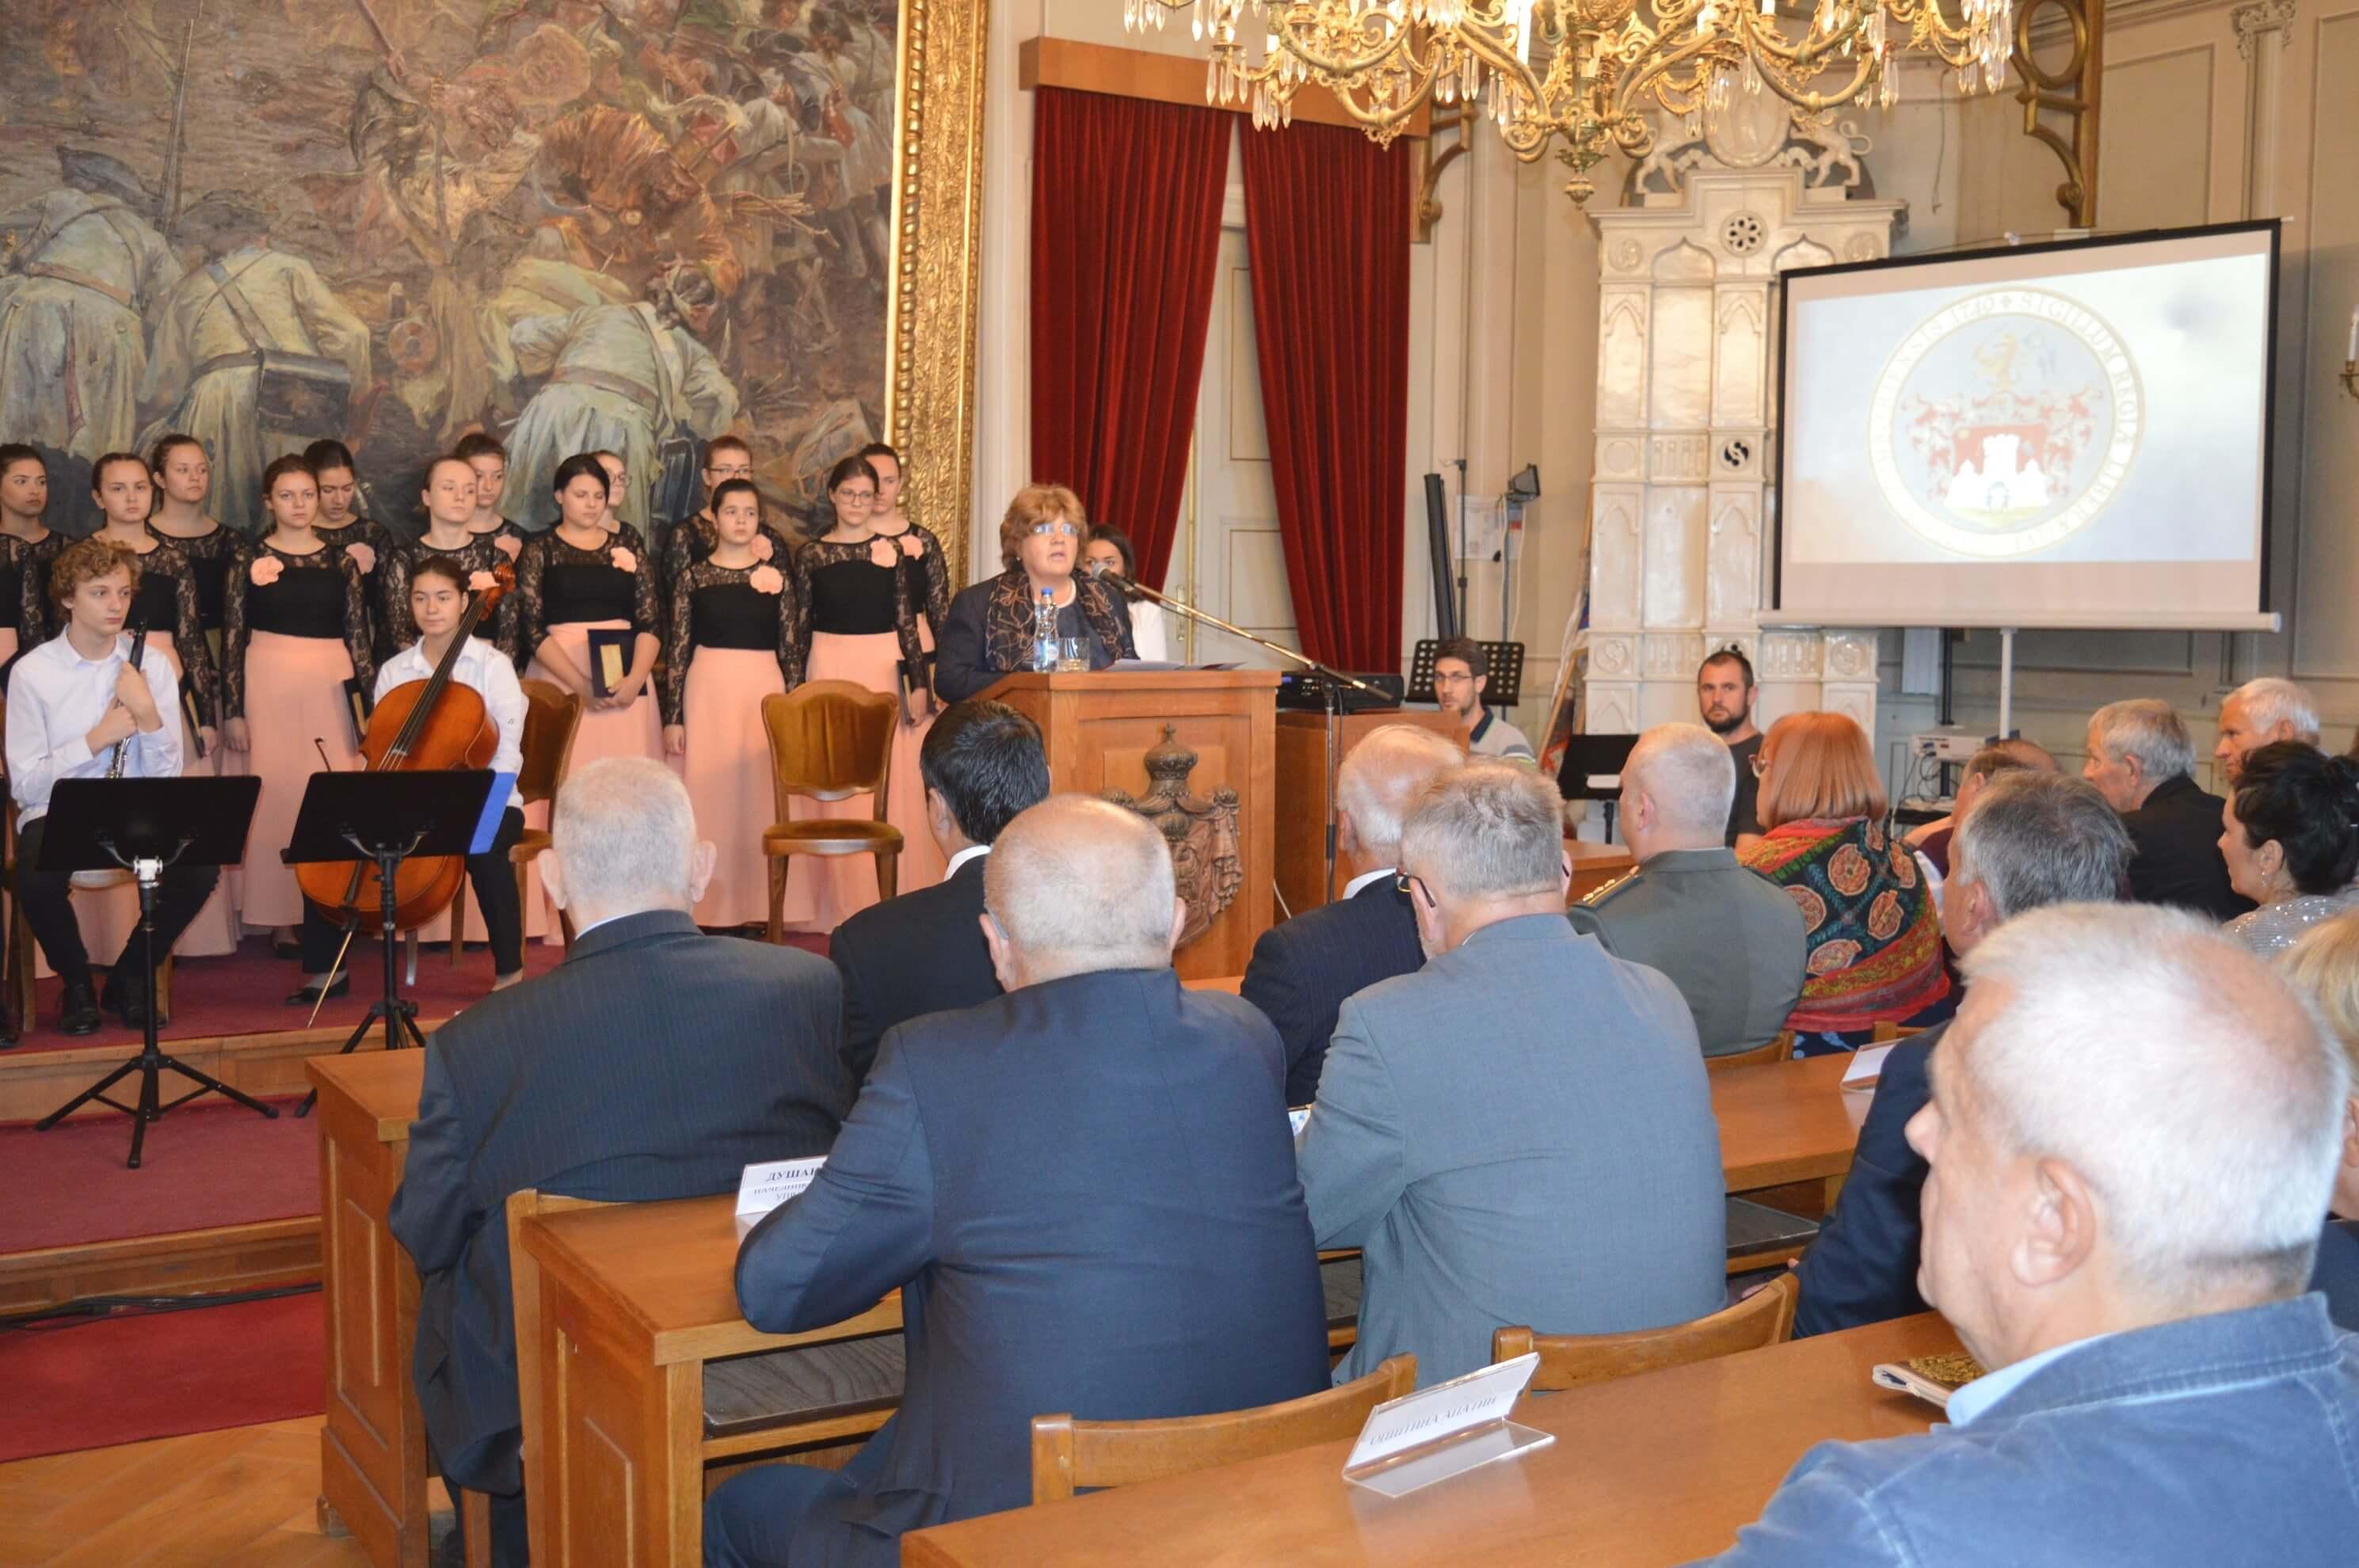 Дистрибуцији хуманитарне помоћи присуствовао је и заменик градоначелнице Града Сомбора Антонио Ратковић